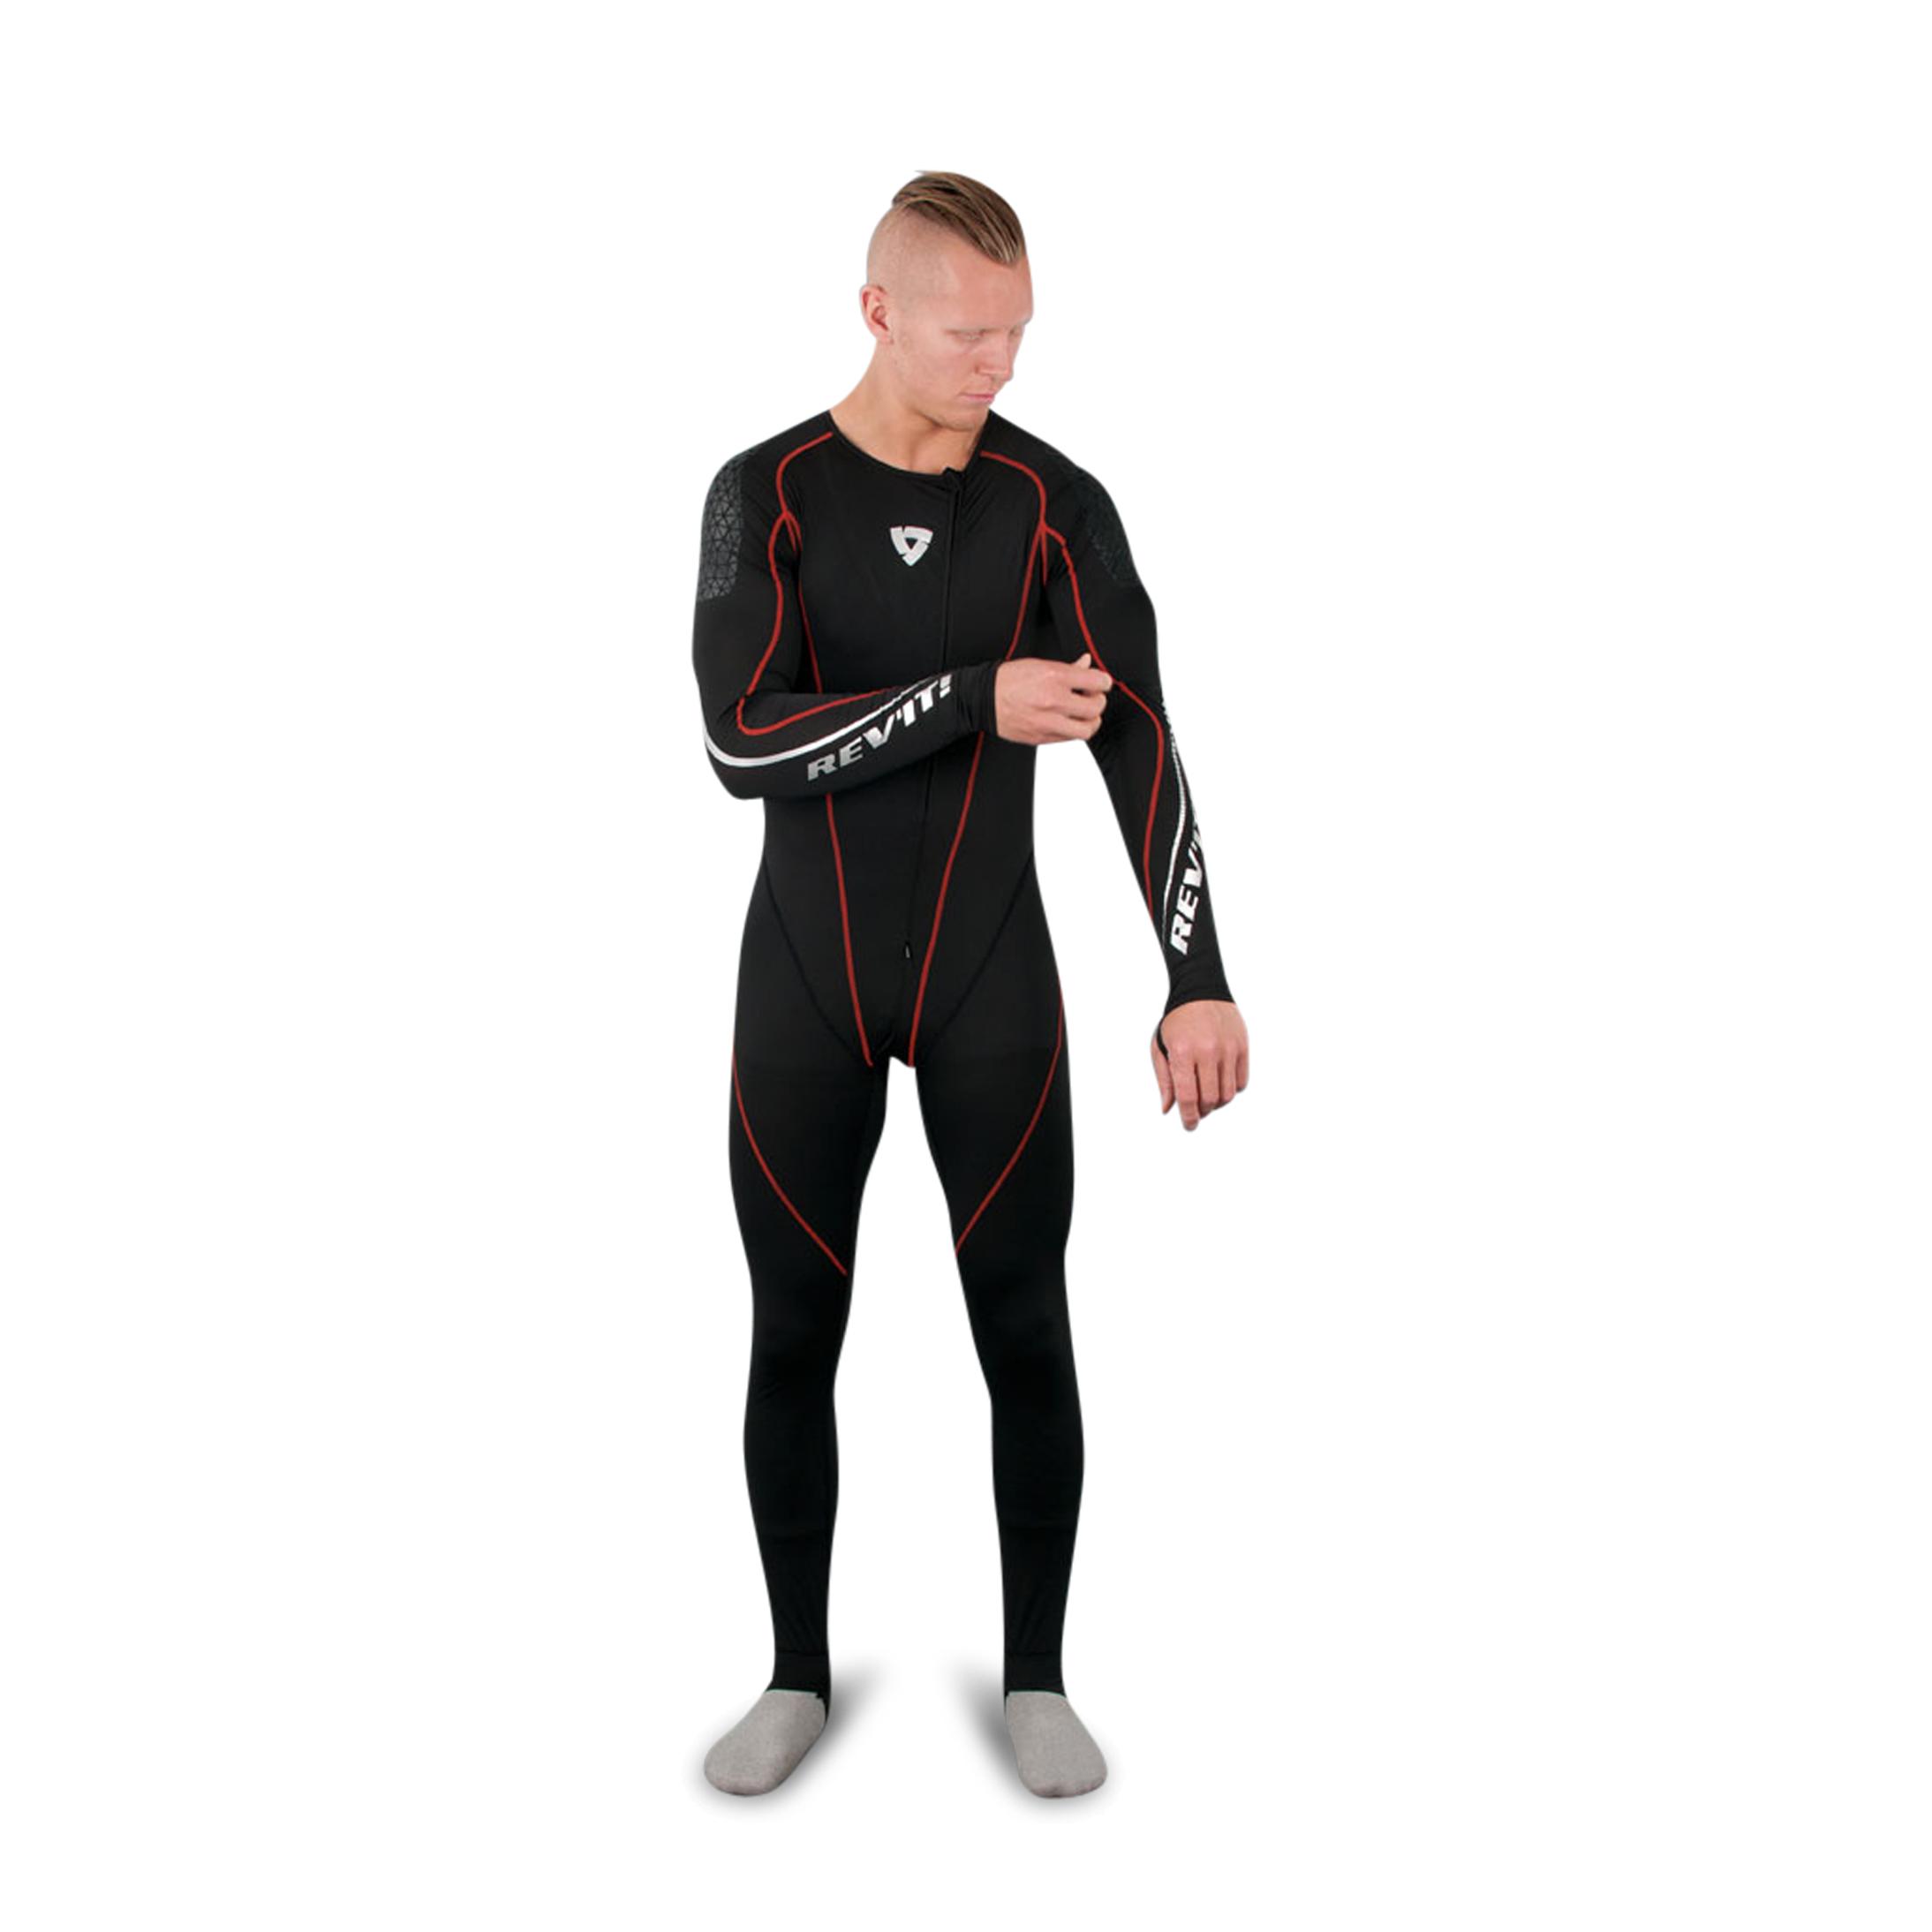 REVIT! Combinaison Sous-vêtements Sports Excellerator Noire 2XL